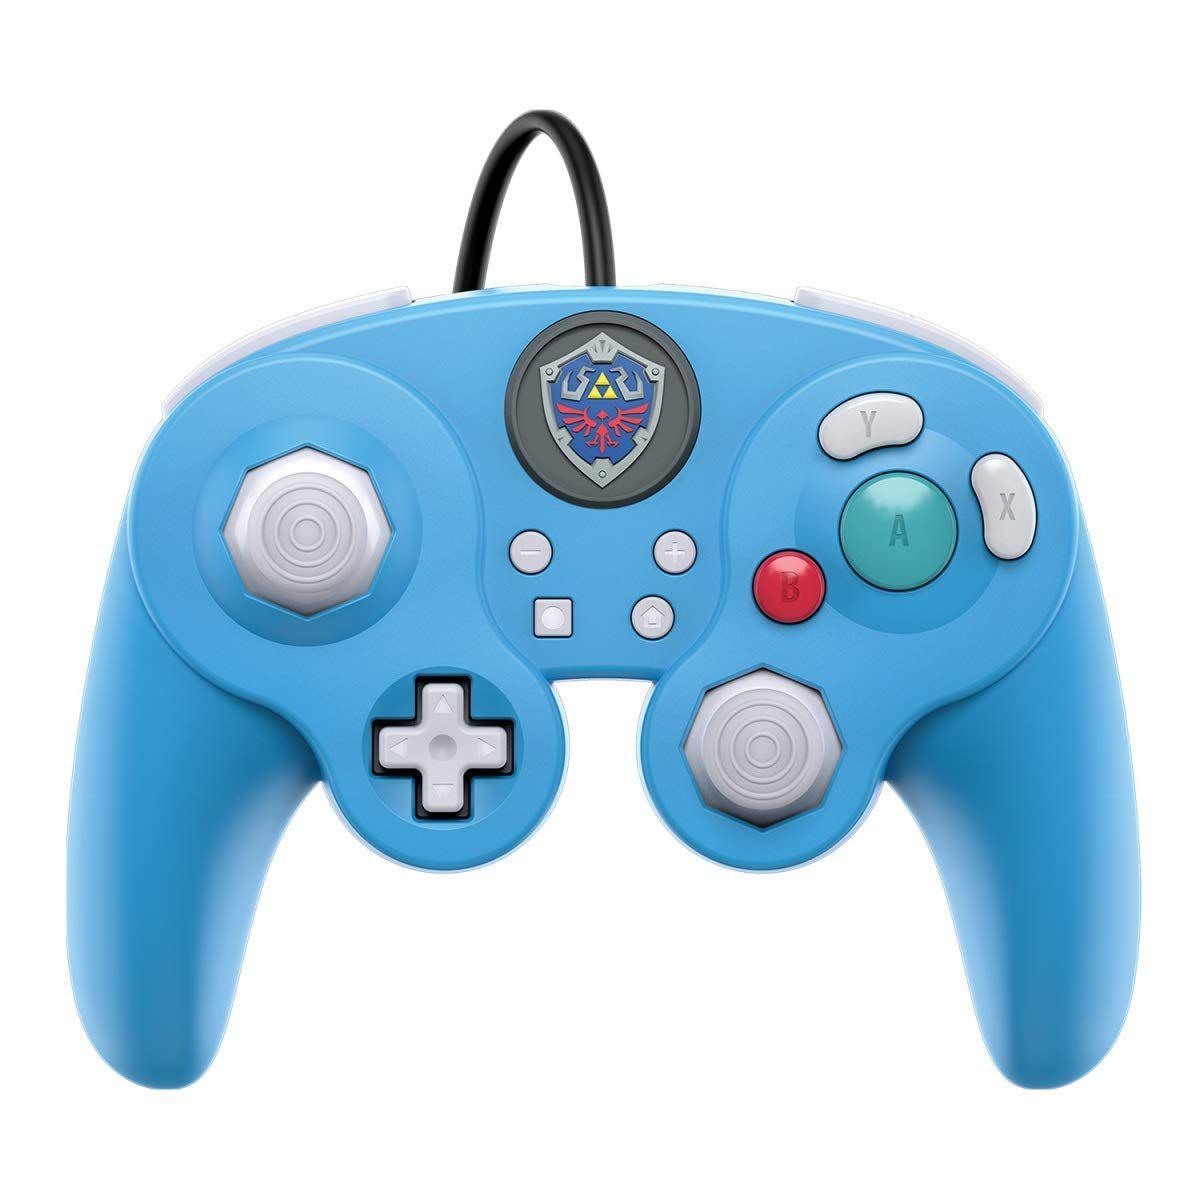 PDP Gaming Legend Of Zelda Link GameCube